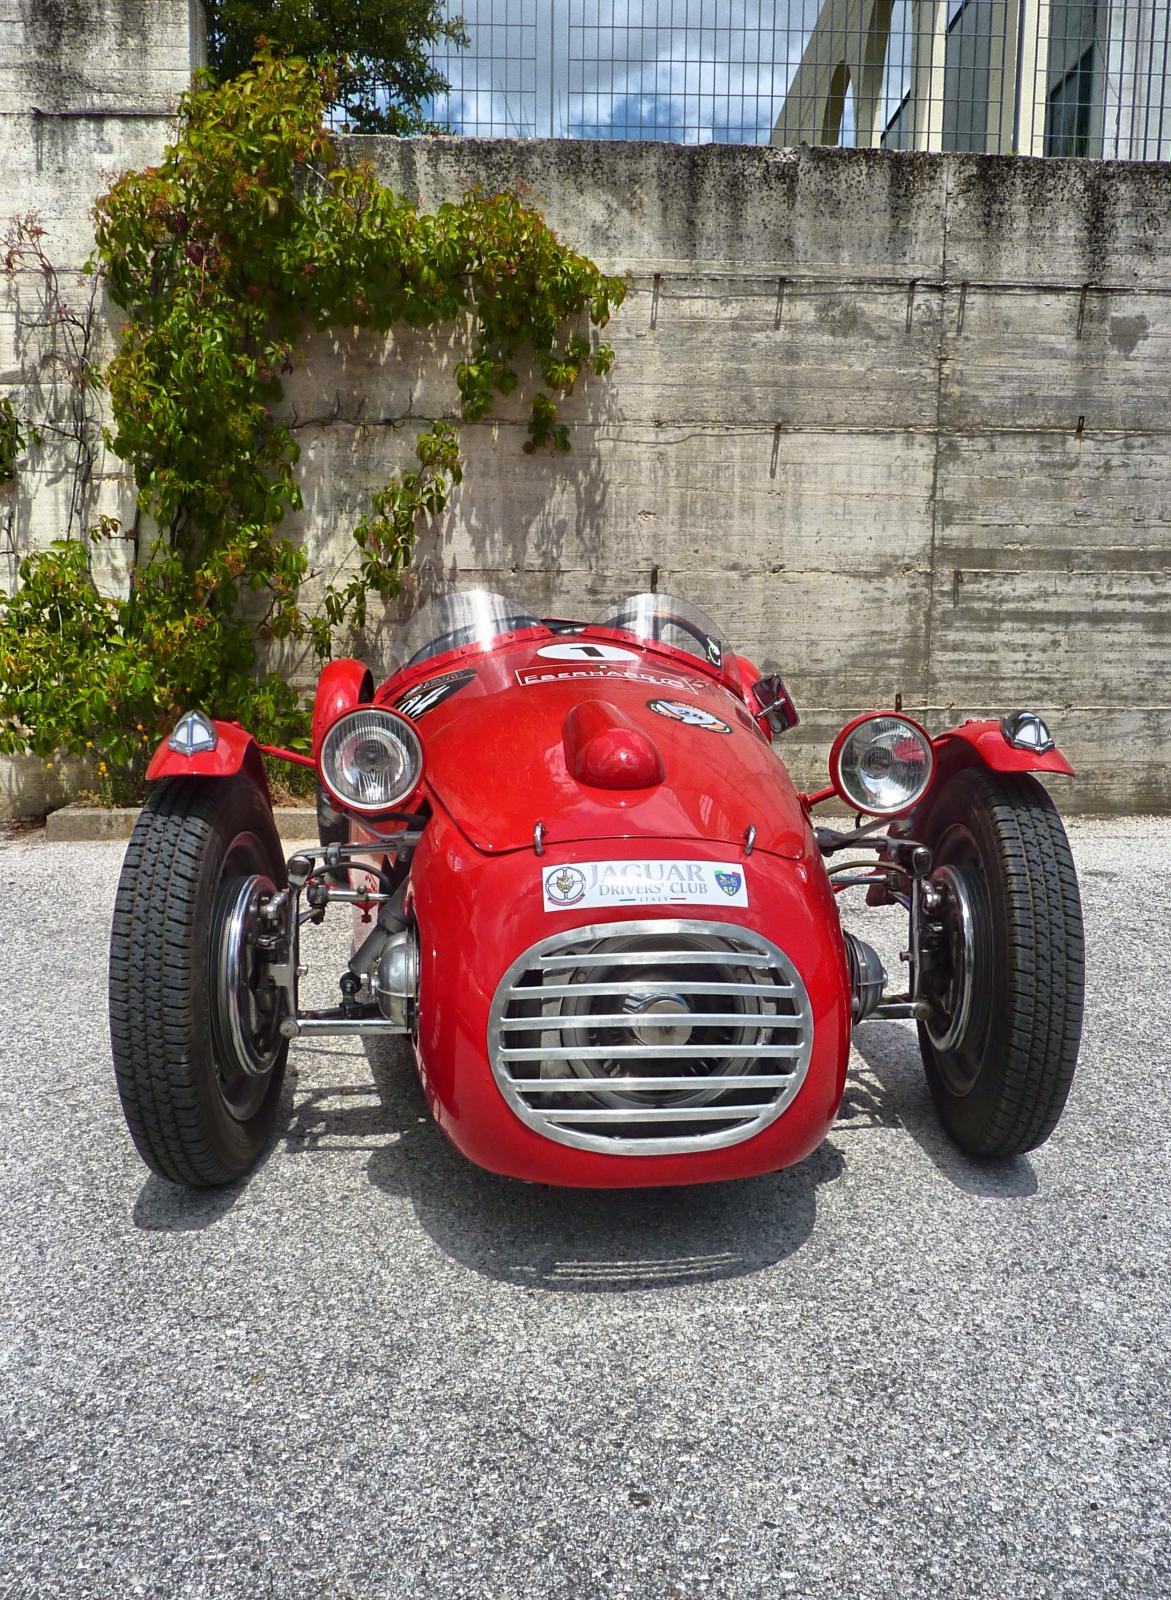 Circuito DI Avezzano 2014 (41).jpg